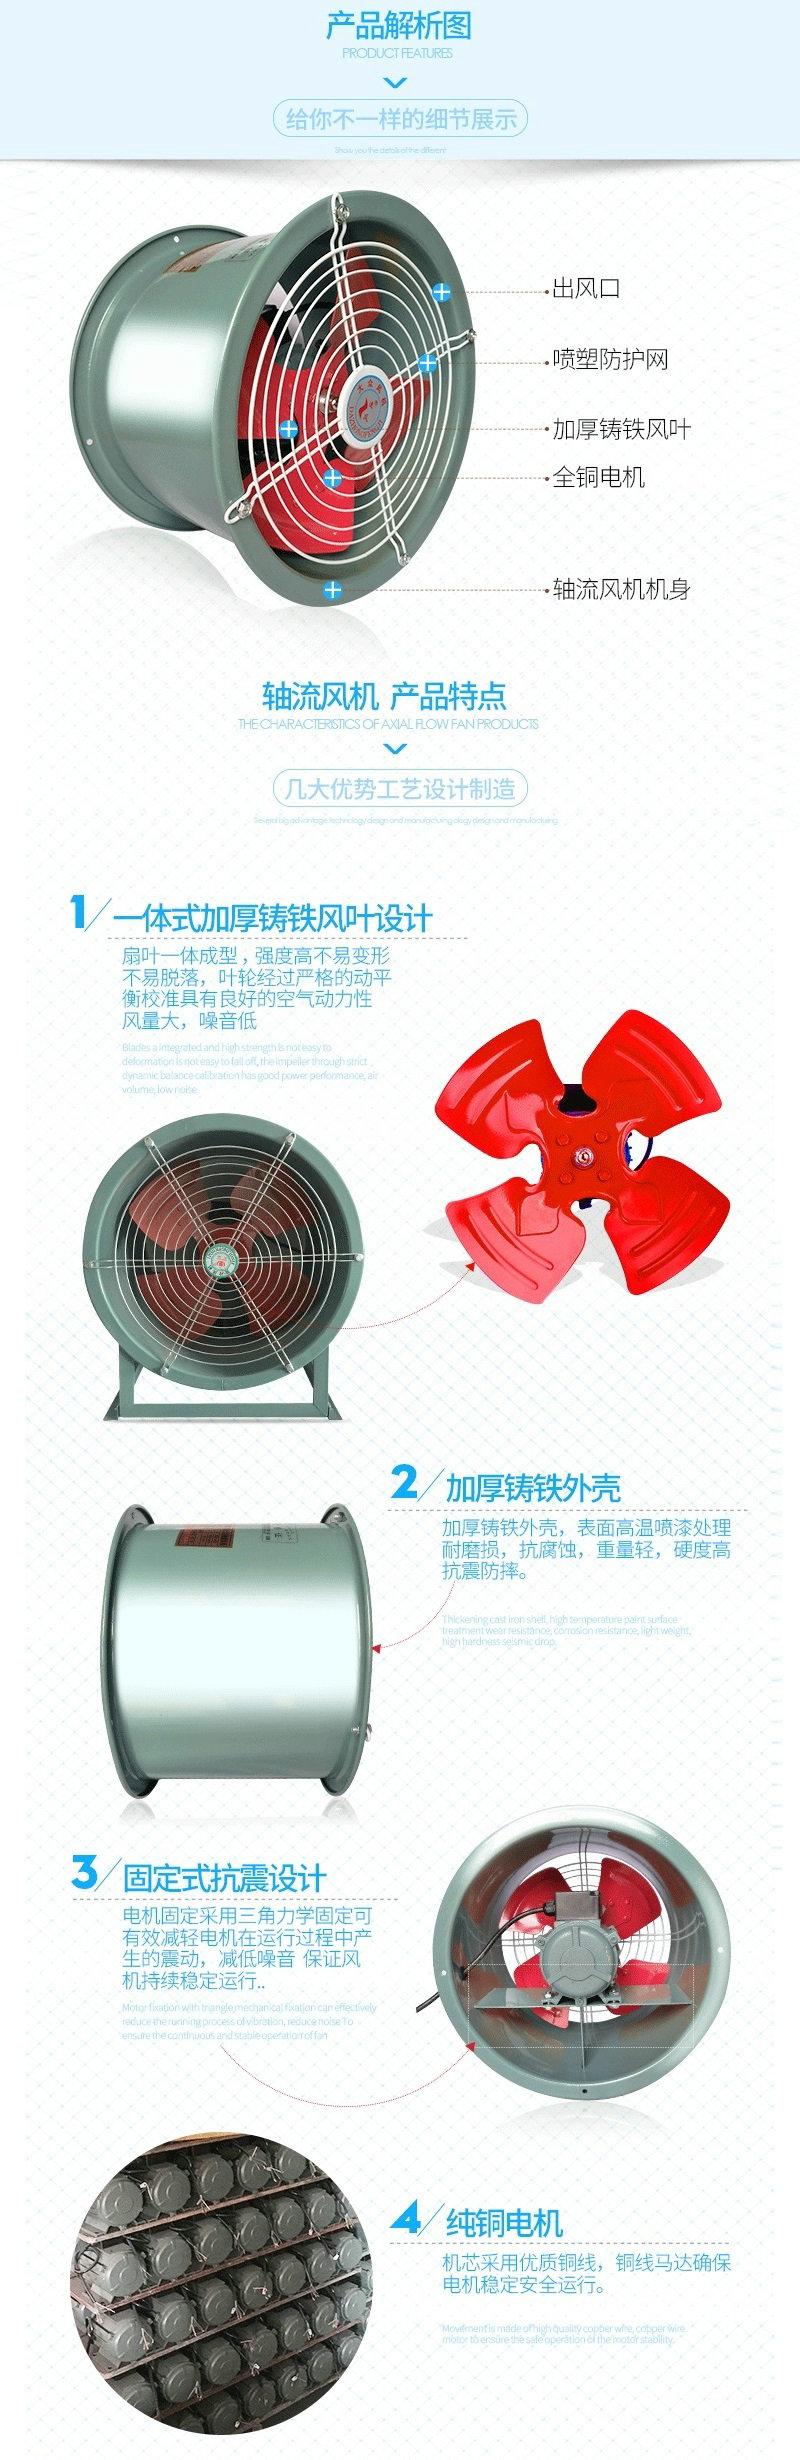 鄭州軸流風機-7